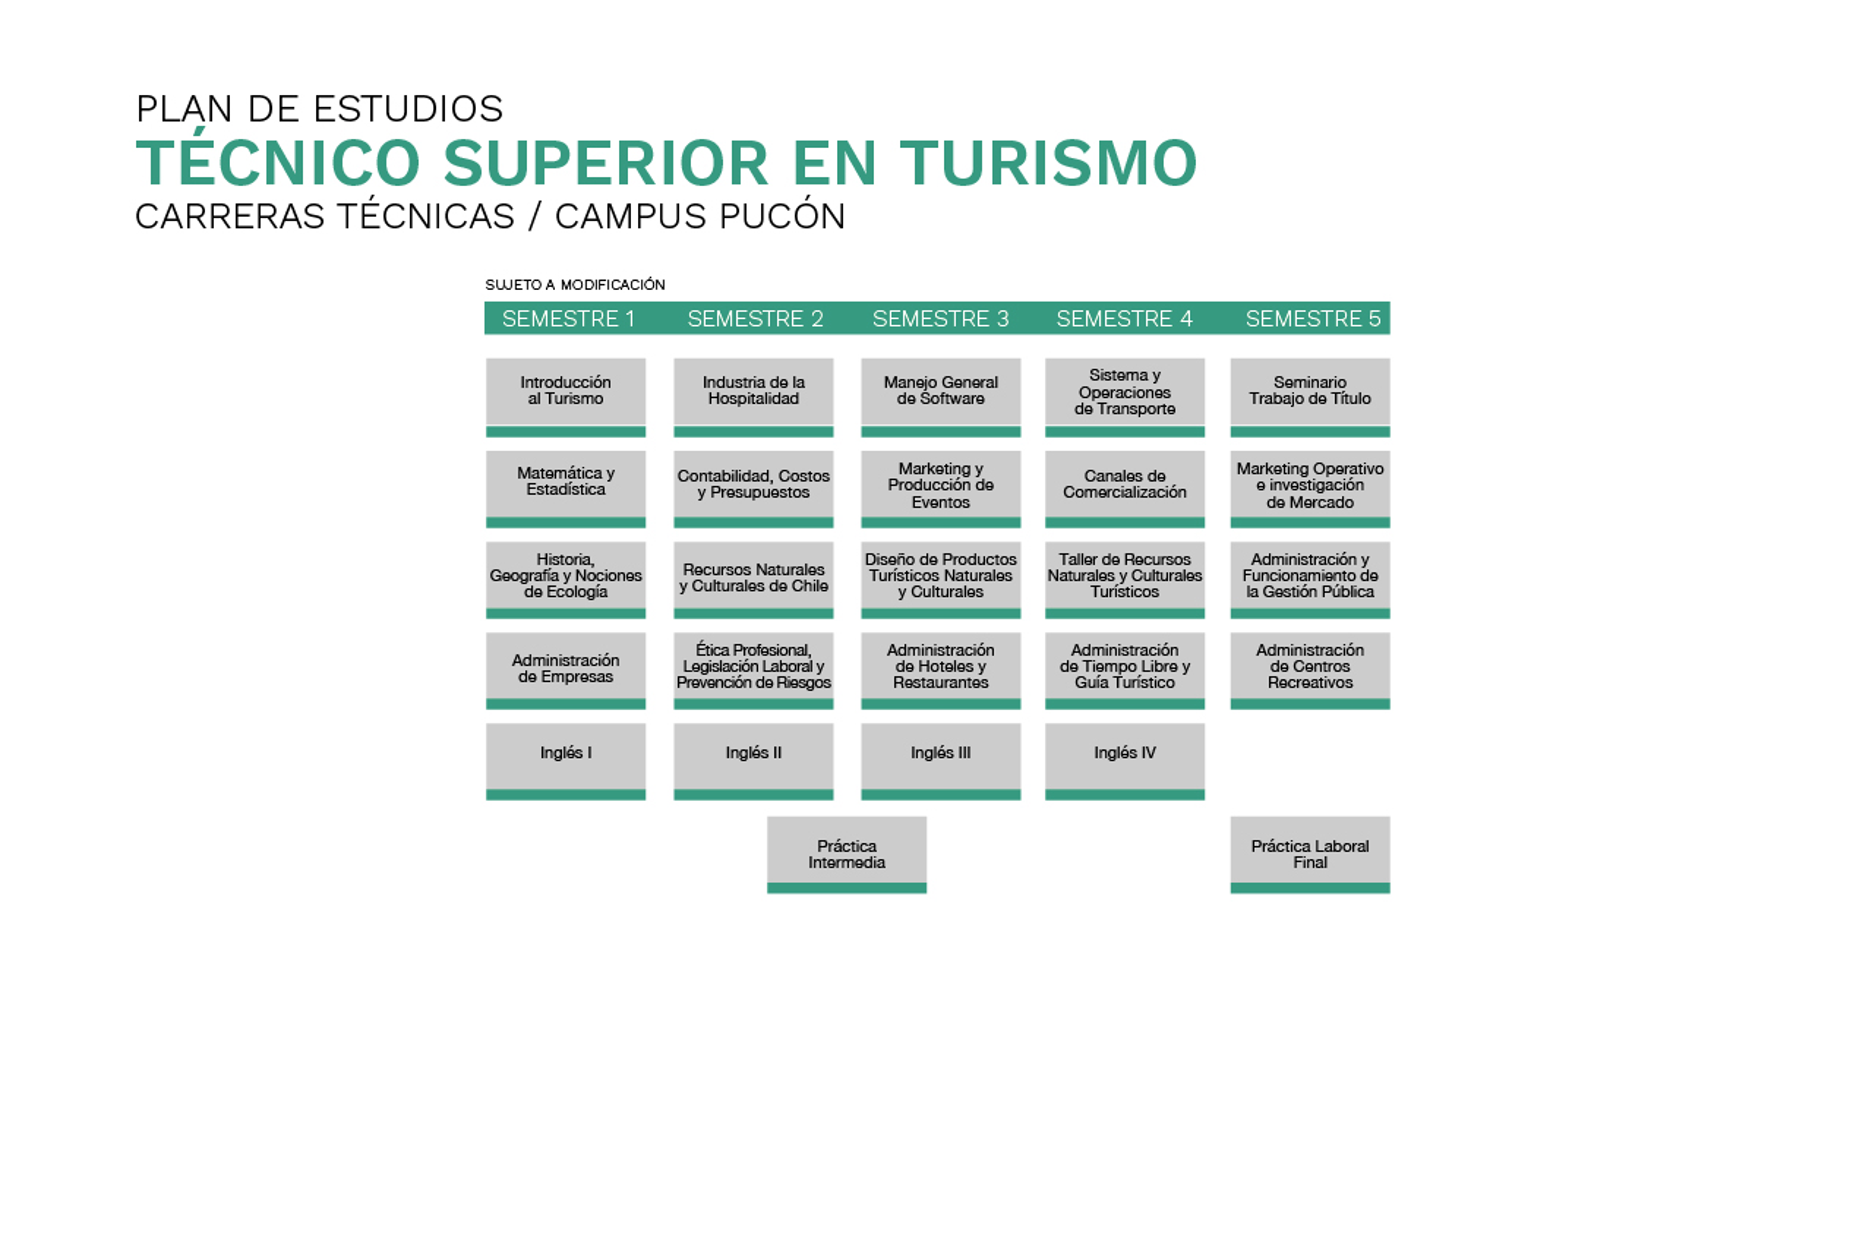 Técnico Superior en Turismo Universidad de La Frontera